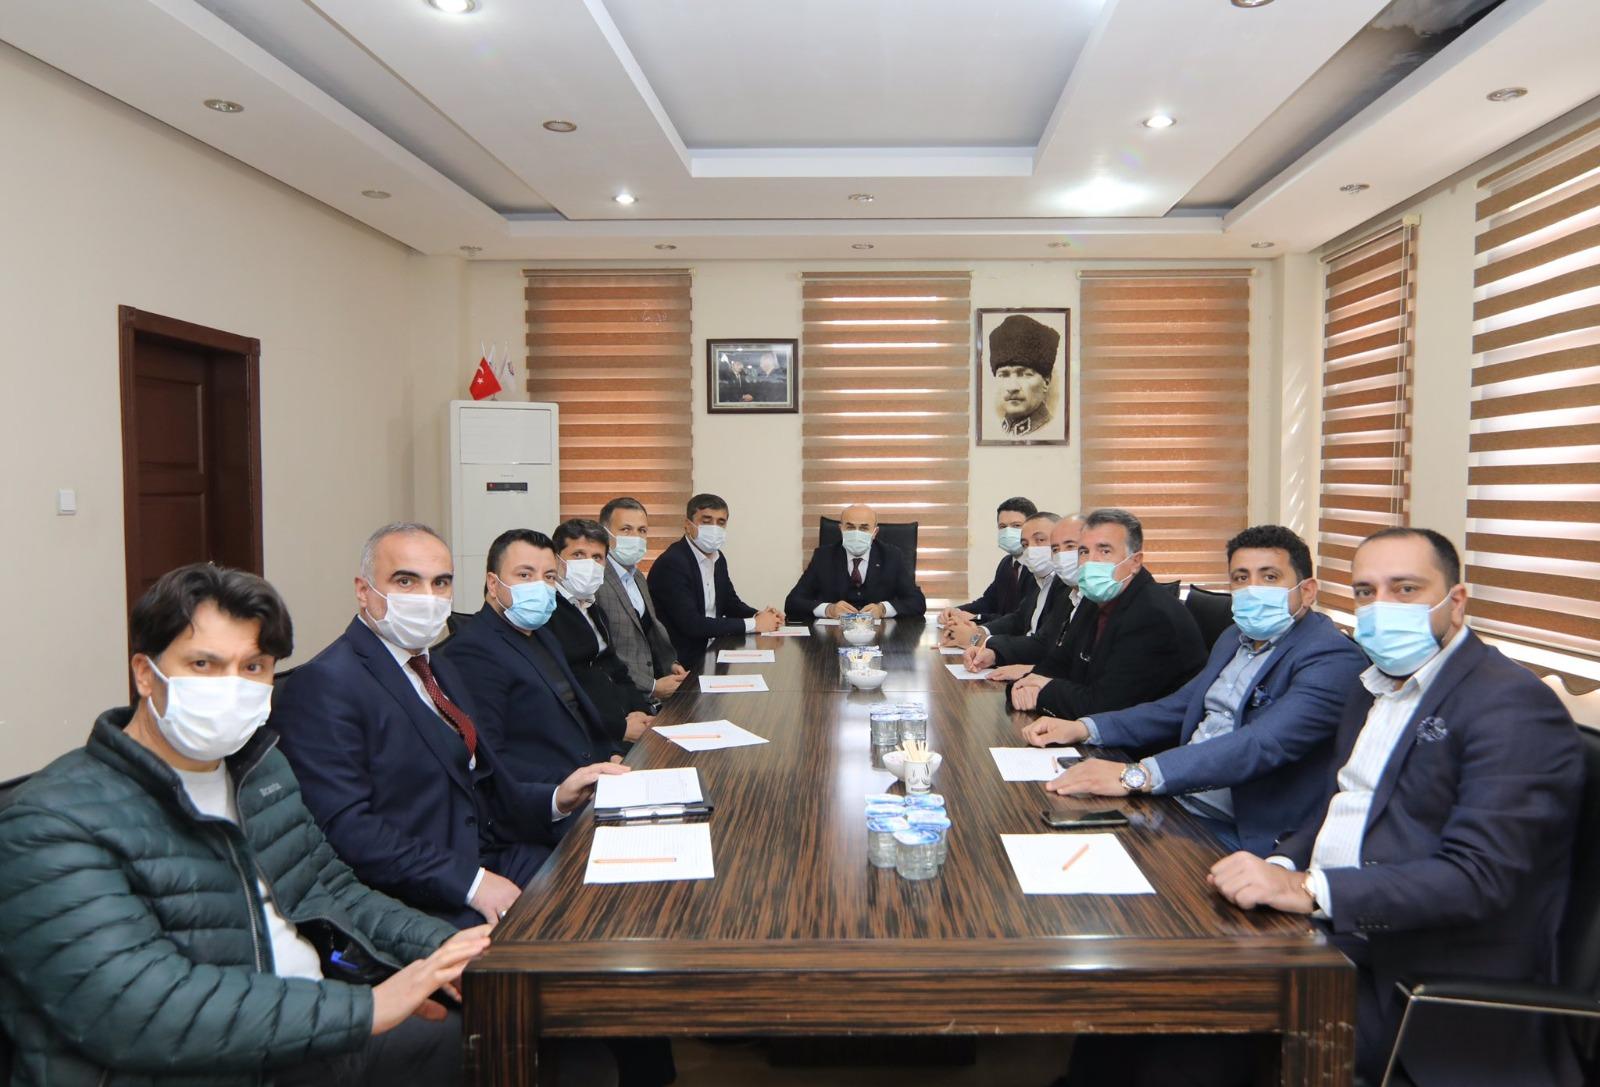 Vali Demirtaş Başkanlığında OSB Müteşebbis Heyeti Toplantısı Yapıldı